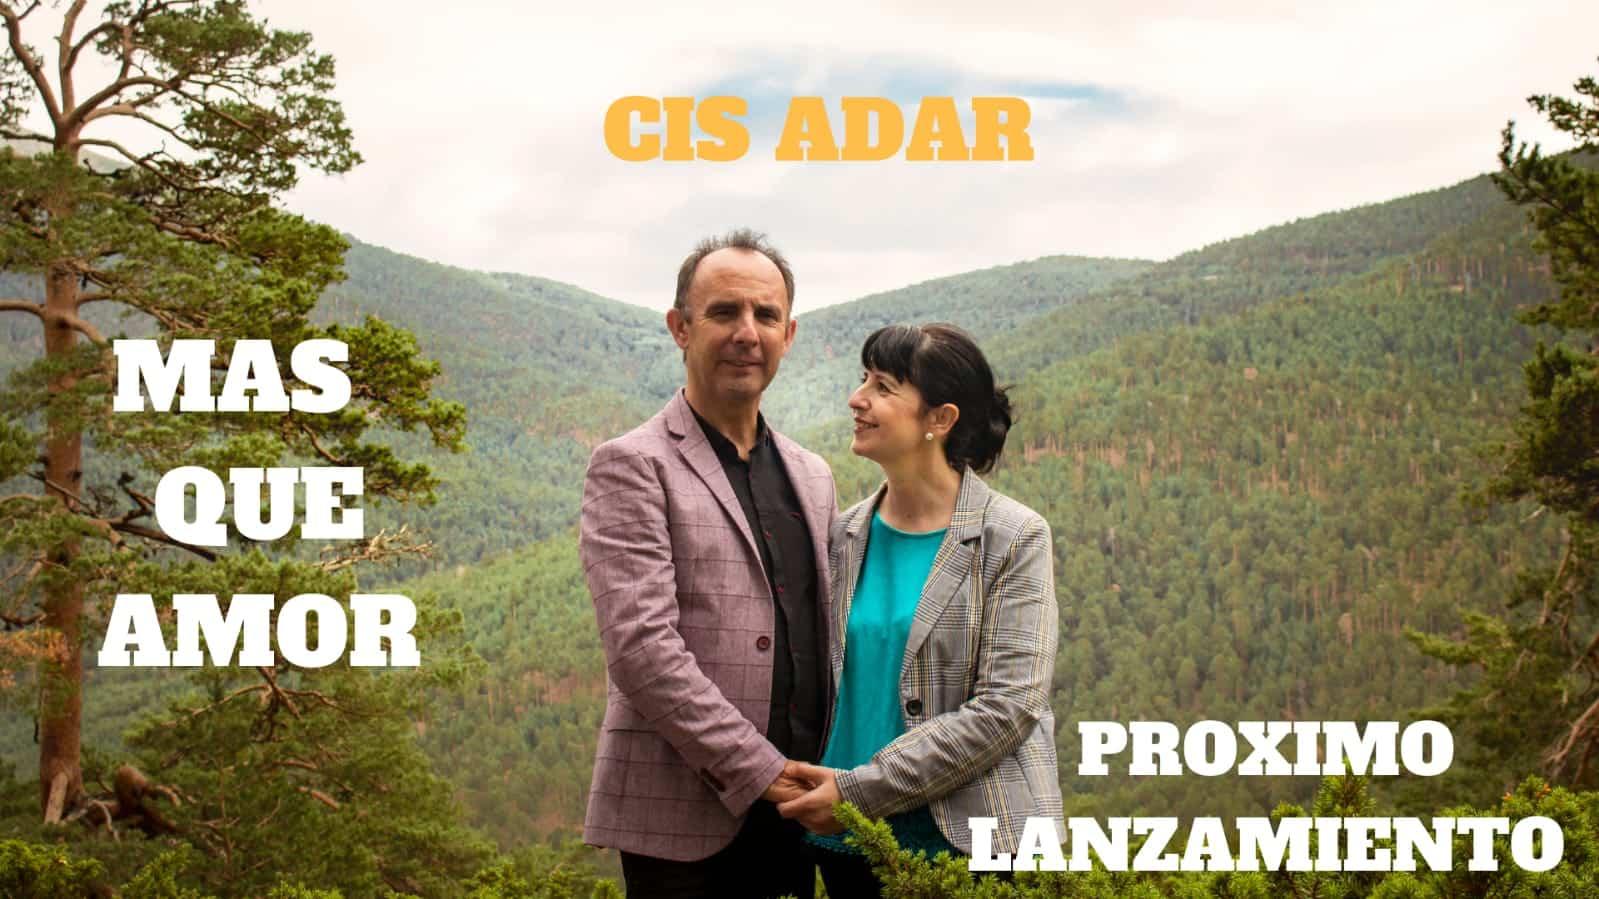 Nuevo concierto de Cis Adar en Las Labores 3